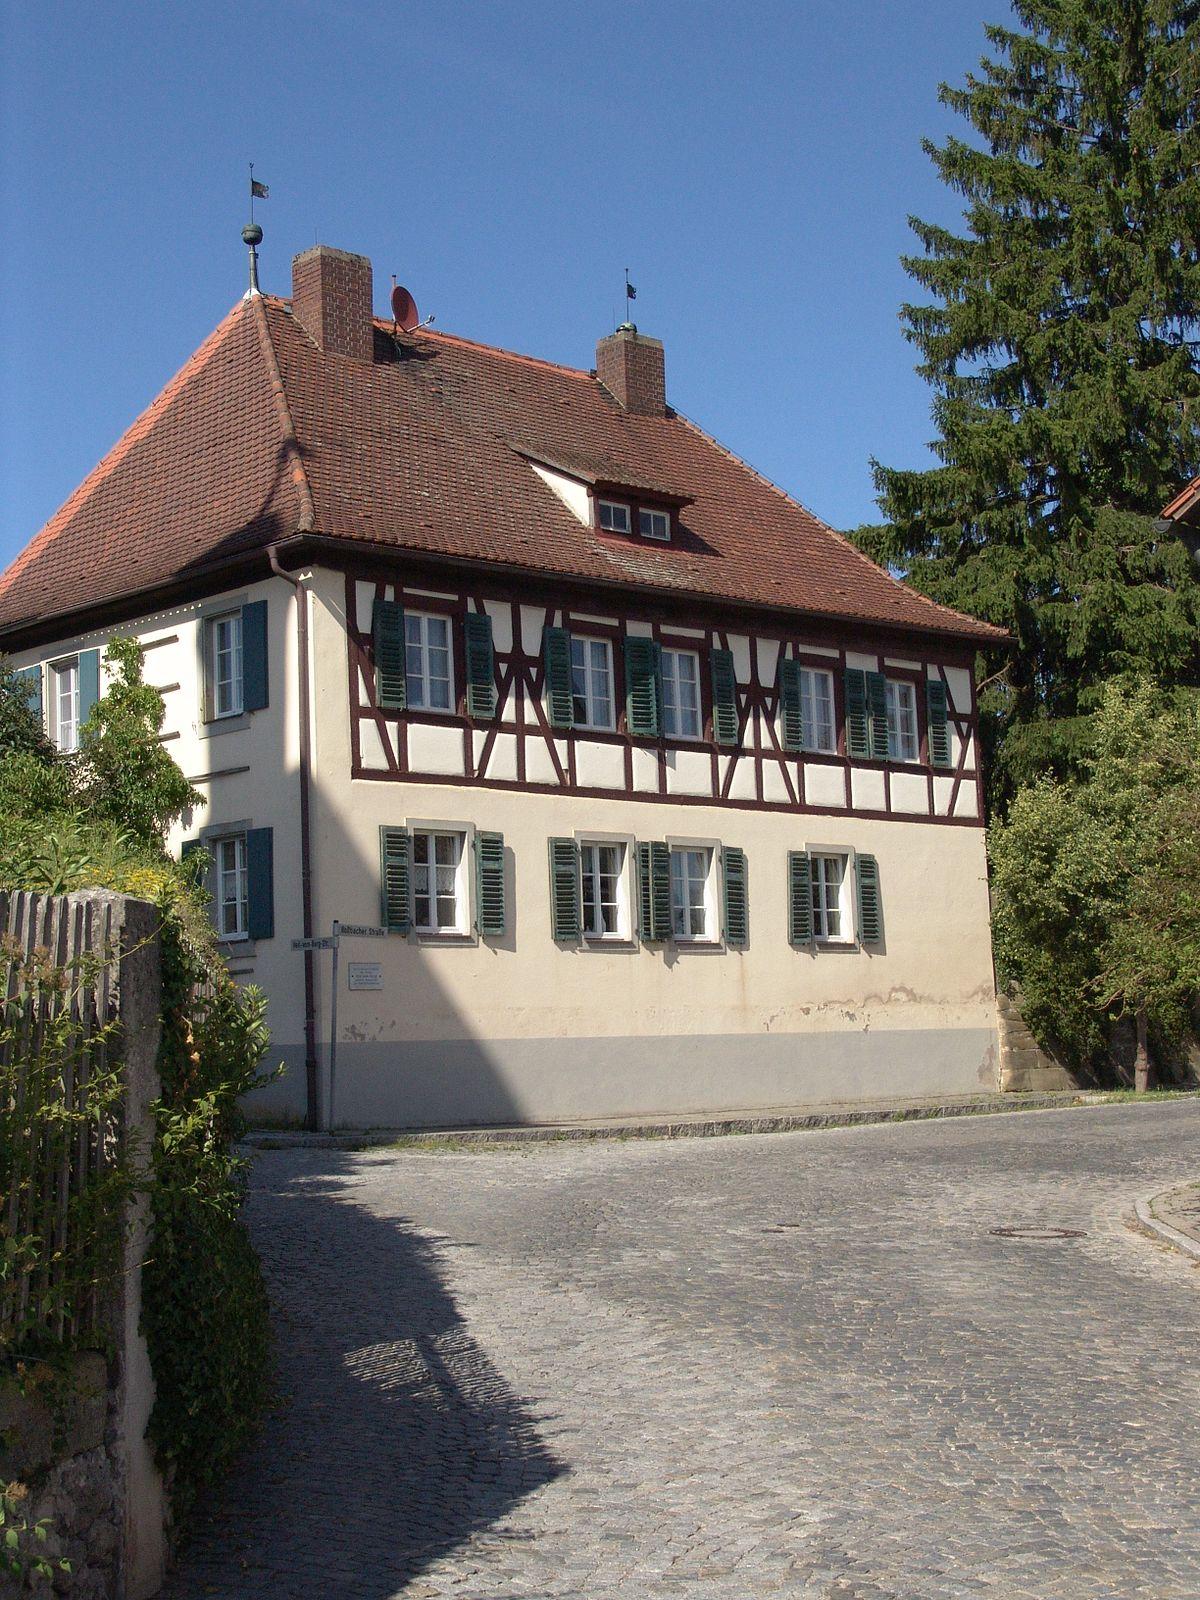 Baudenbach